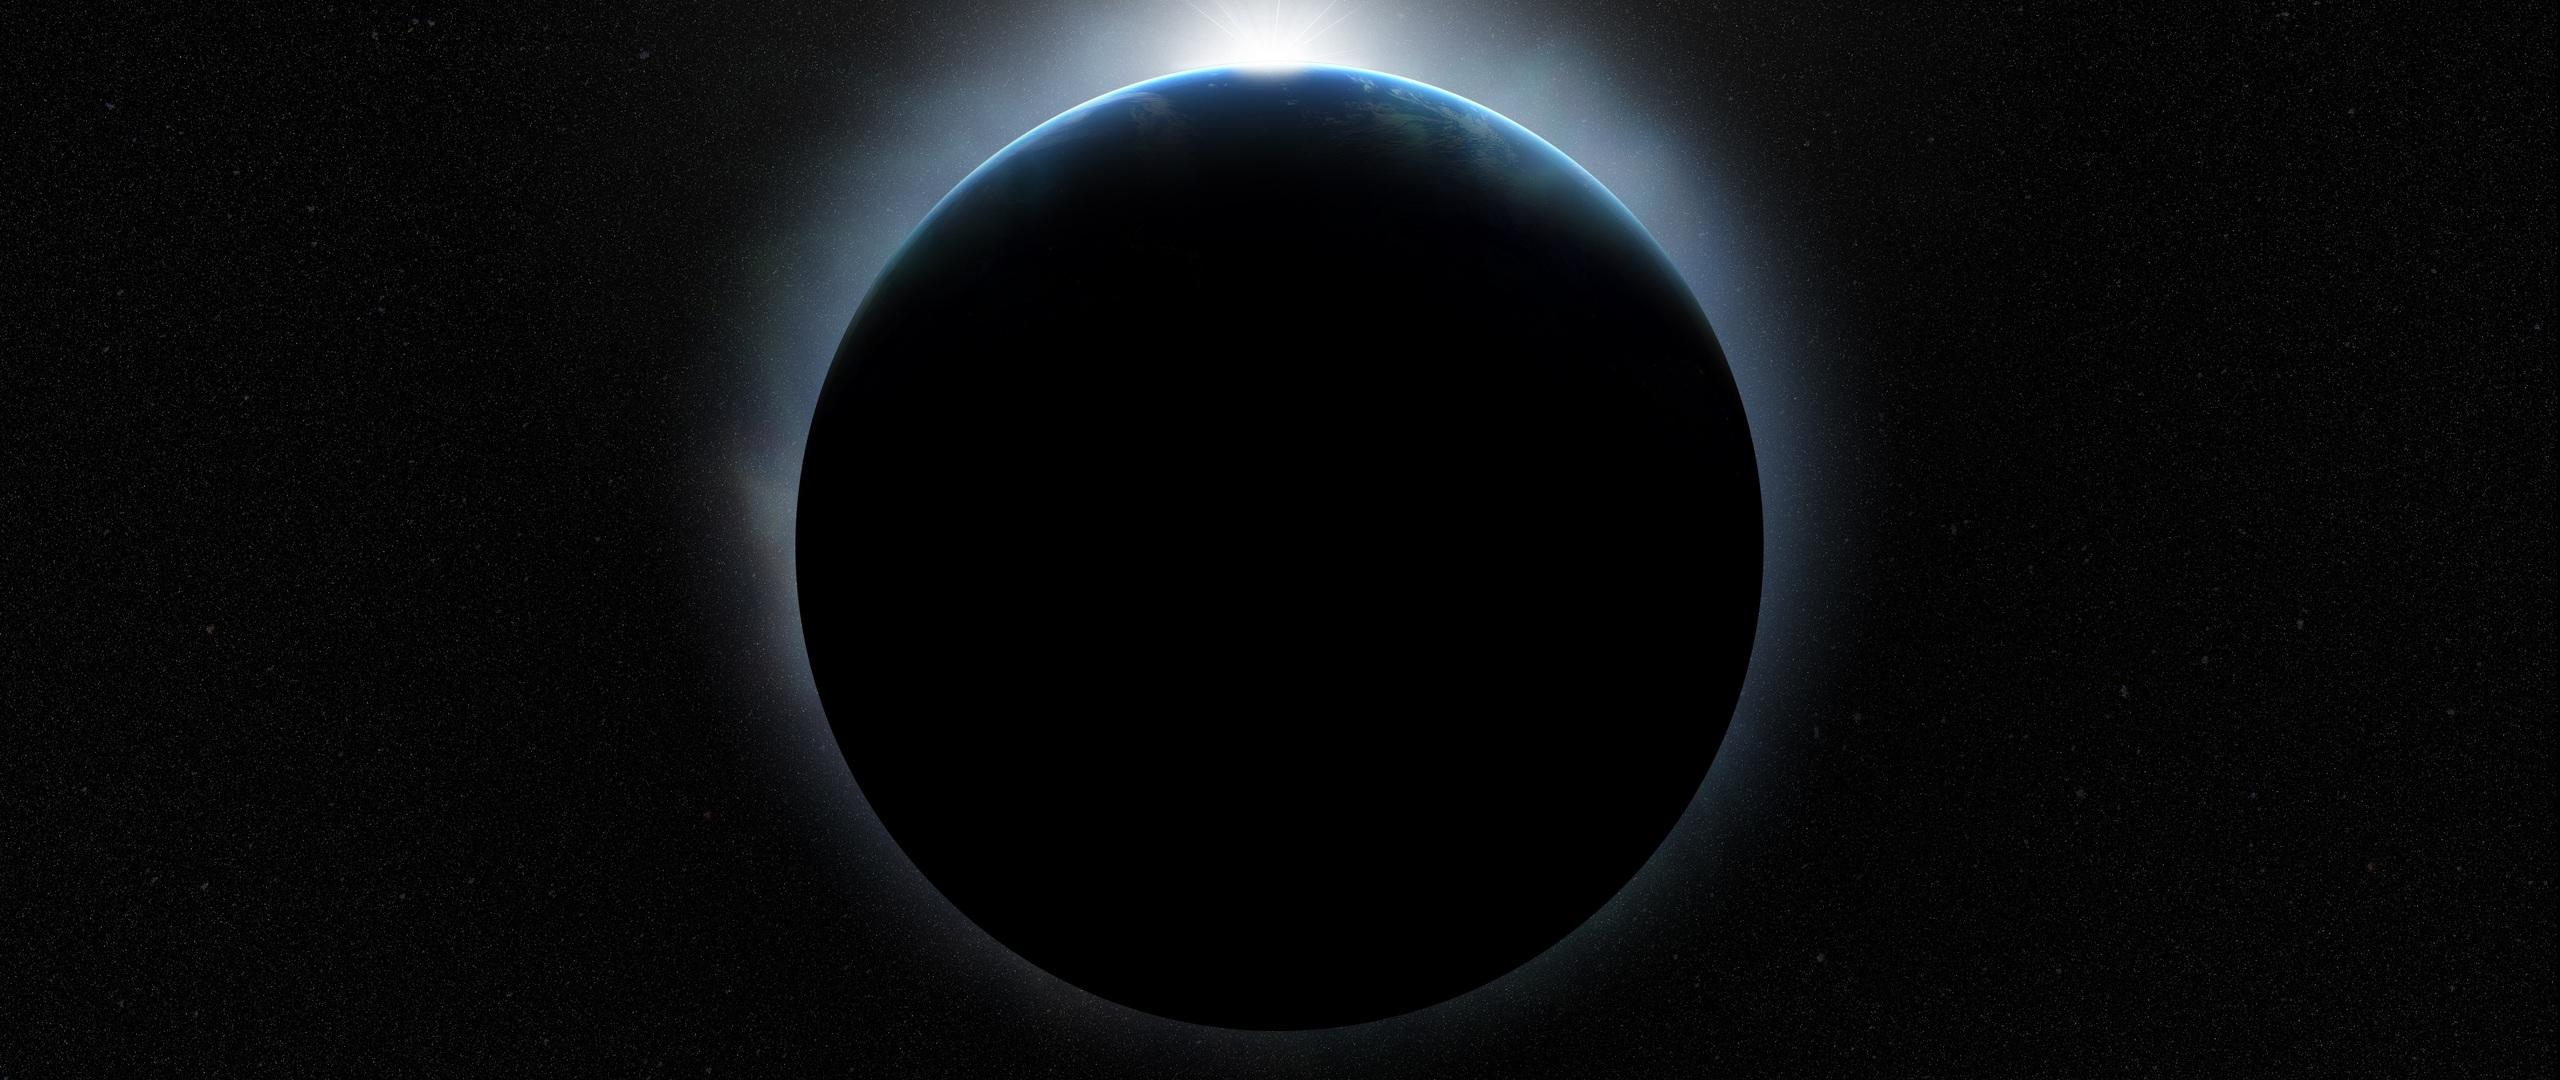 earth-globe-4k-ir.jpg